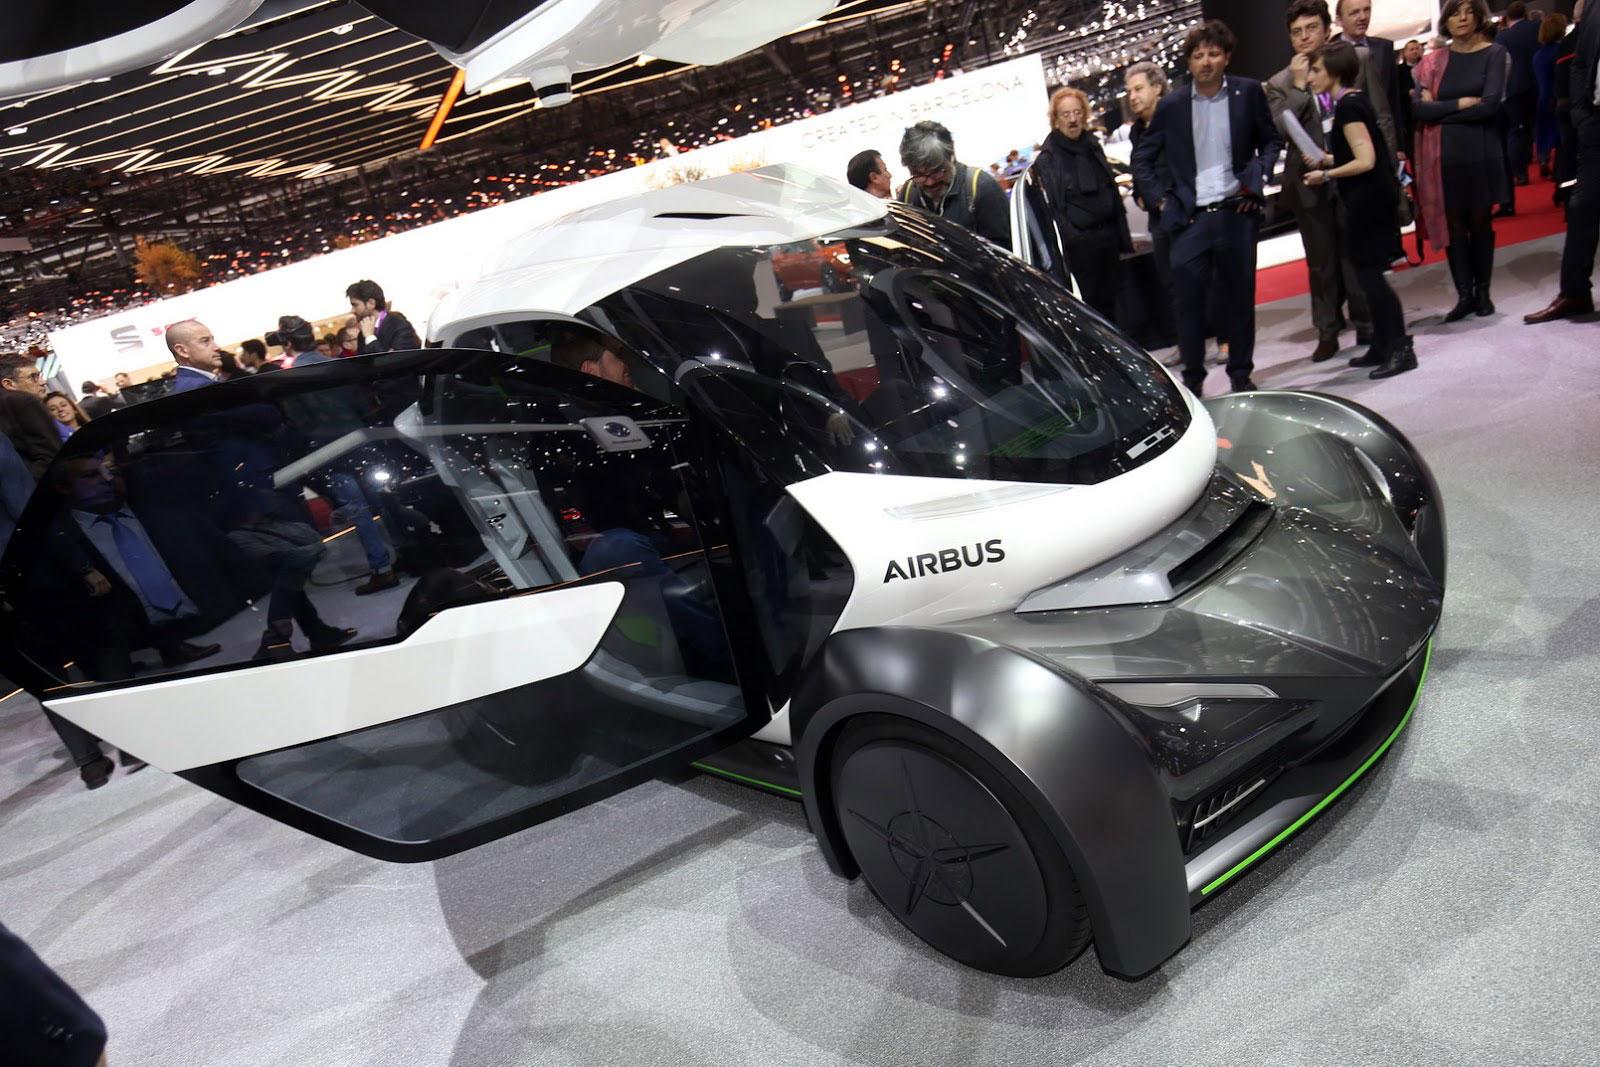 airbus-popup-1.jpg